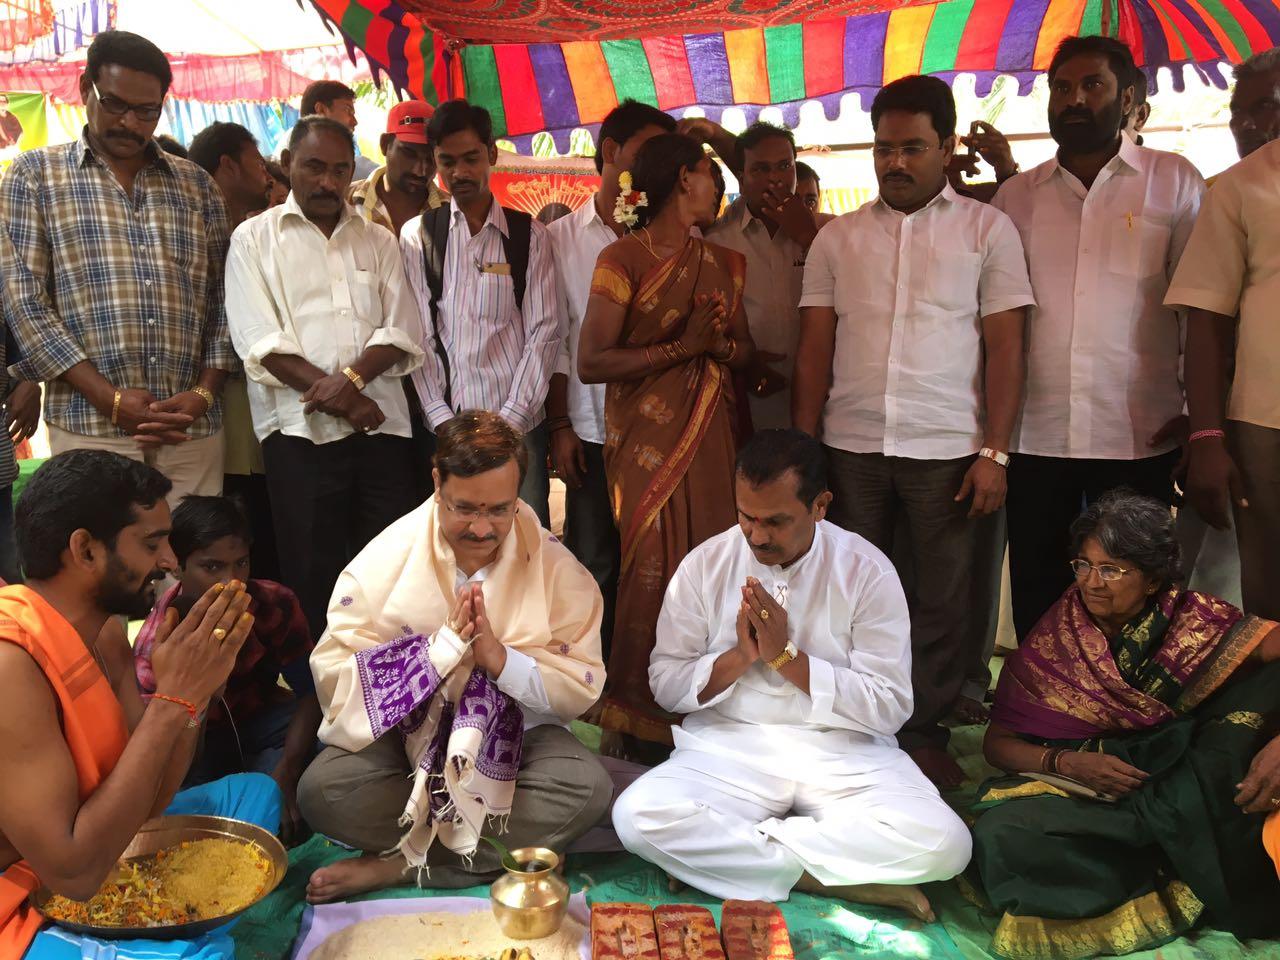 Sathguru Dr.Umar Alisha and sri Yanamala Krishnudu in Sanku sthapana  pooja for Vakadaripeta ashram in Karthika Masam Tour - Vakadaripeta, East Godavari, AP